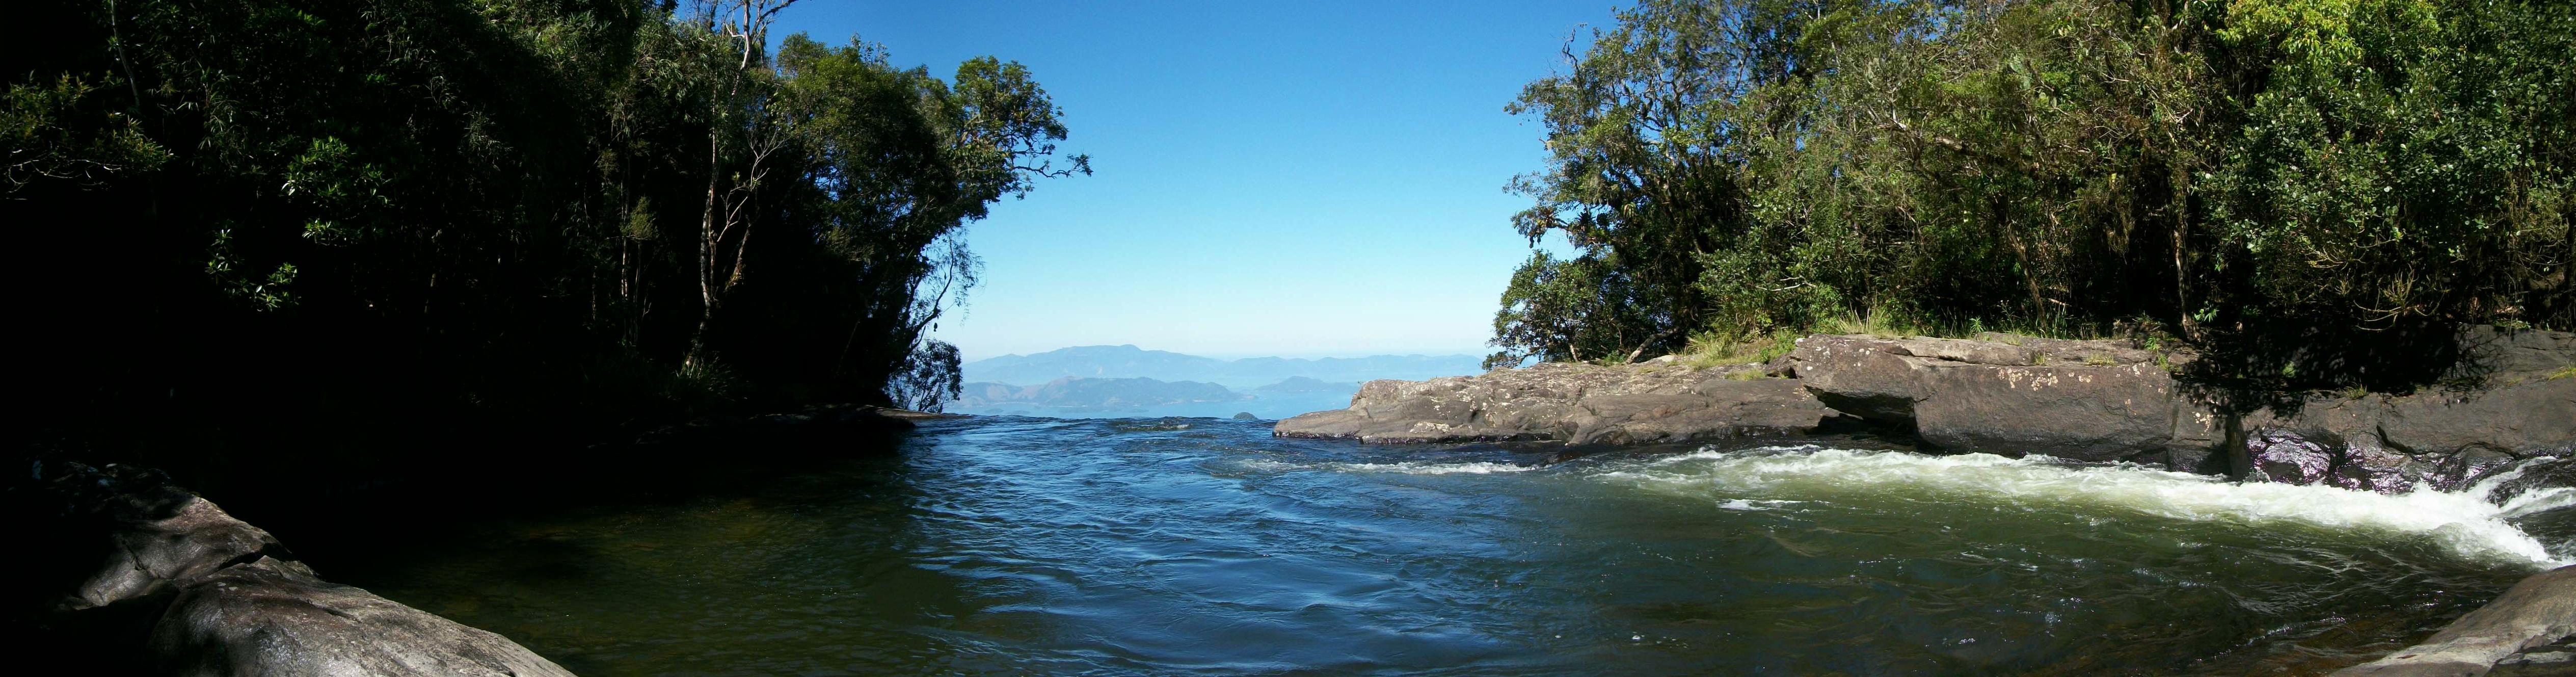 Vista cachoeira Bracuí / Bocaina